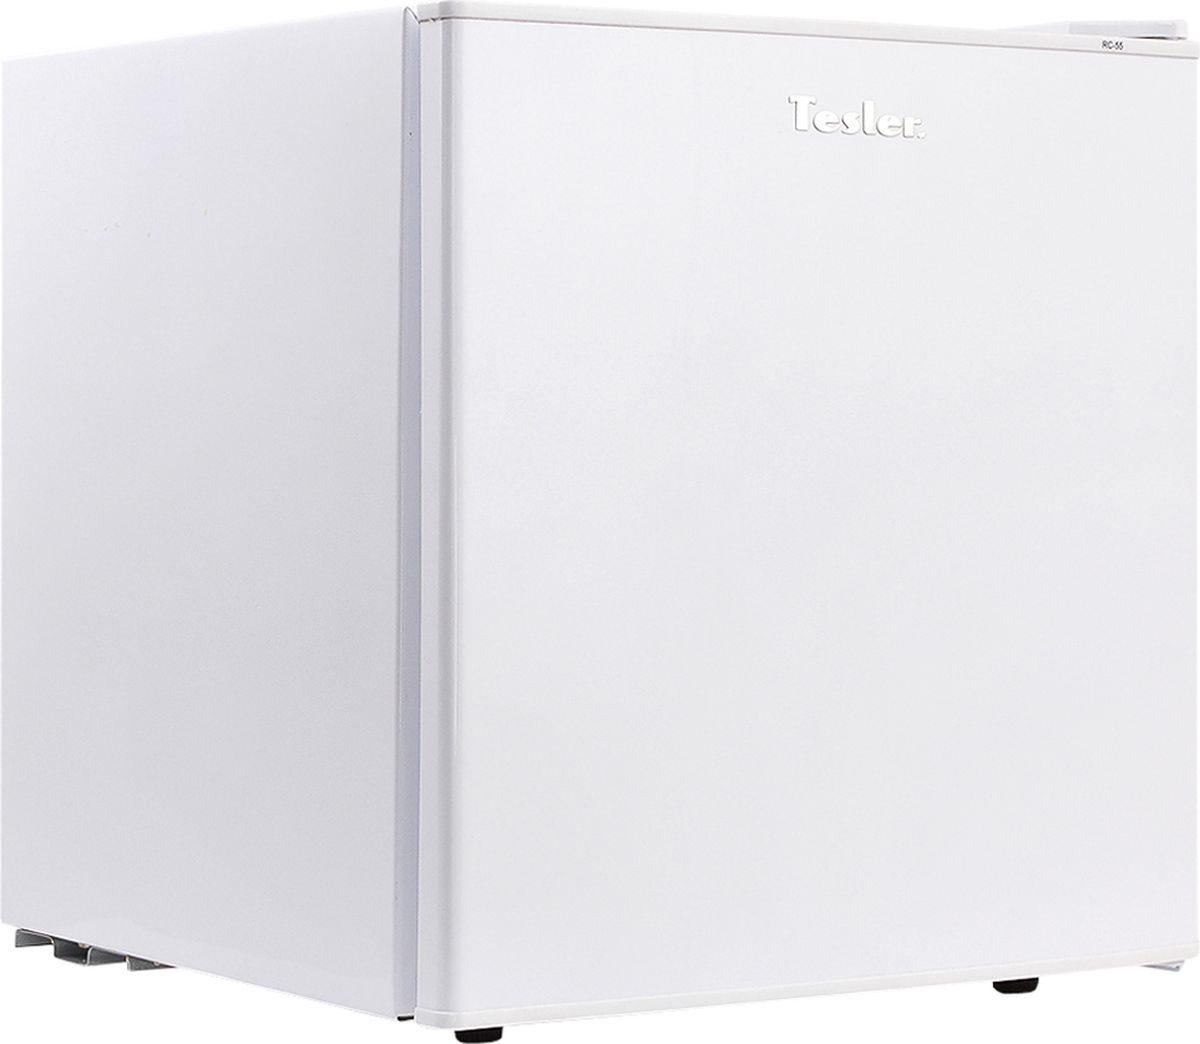 Tesler RC-55, White Холодильник - Холодильники и морозильные камеры